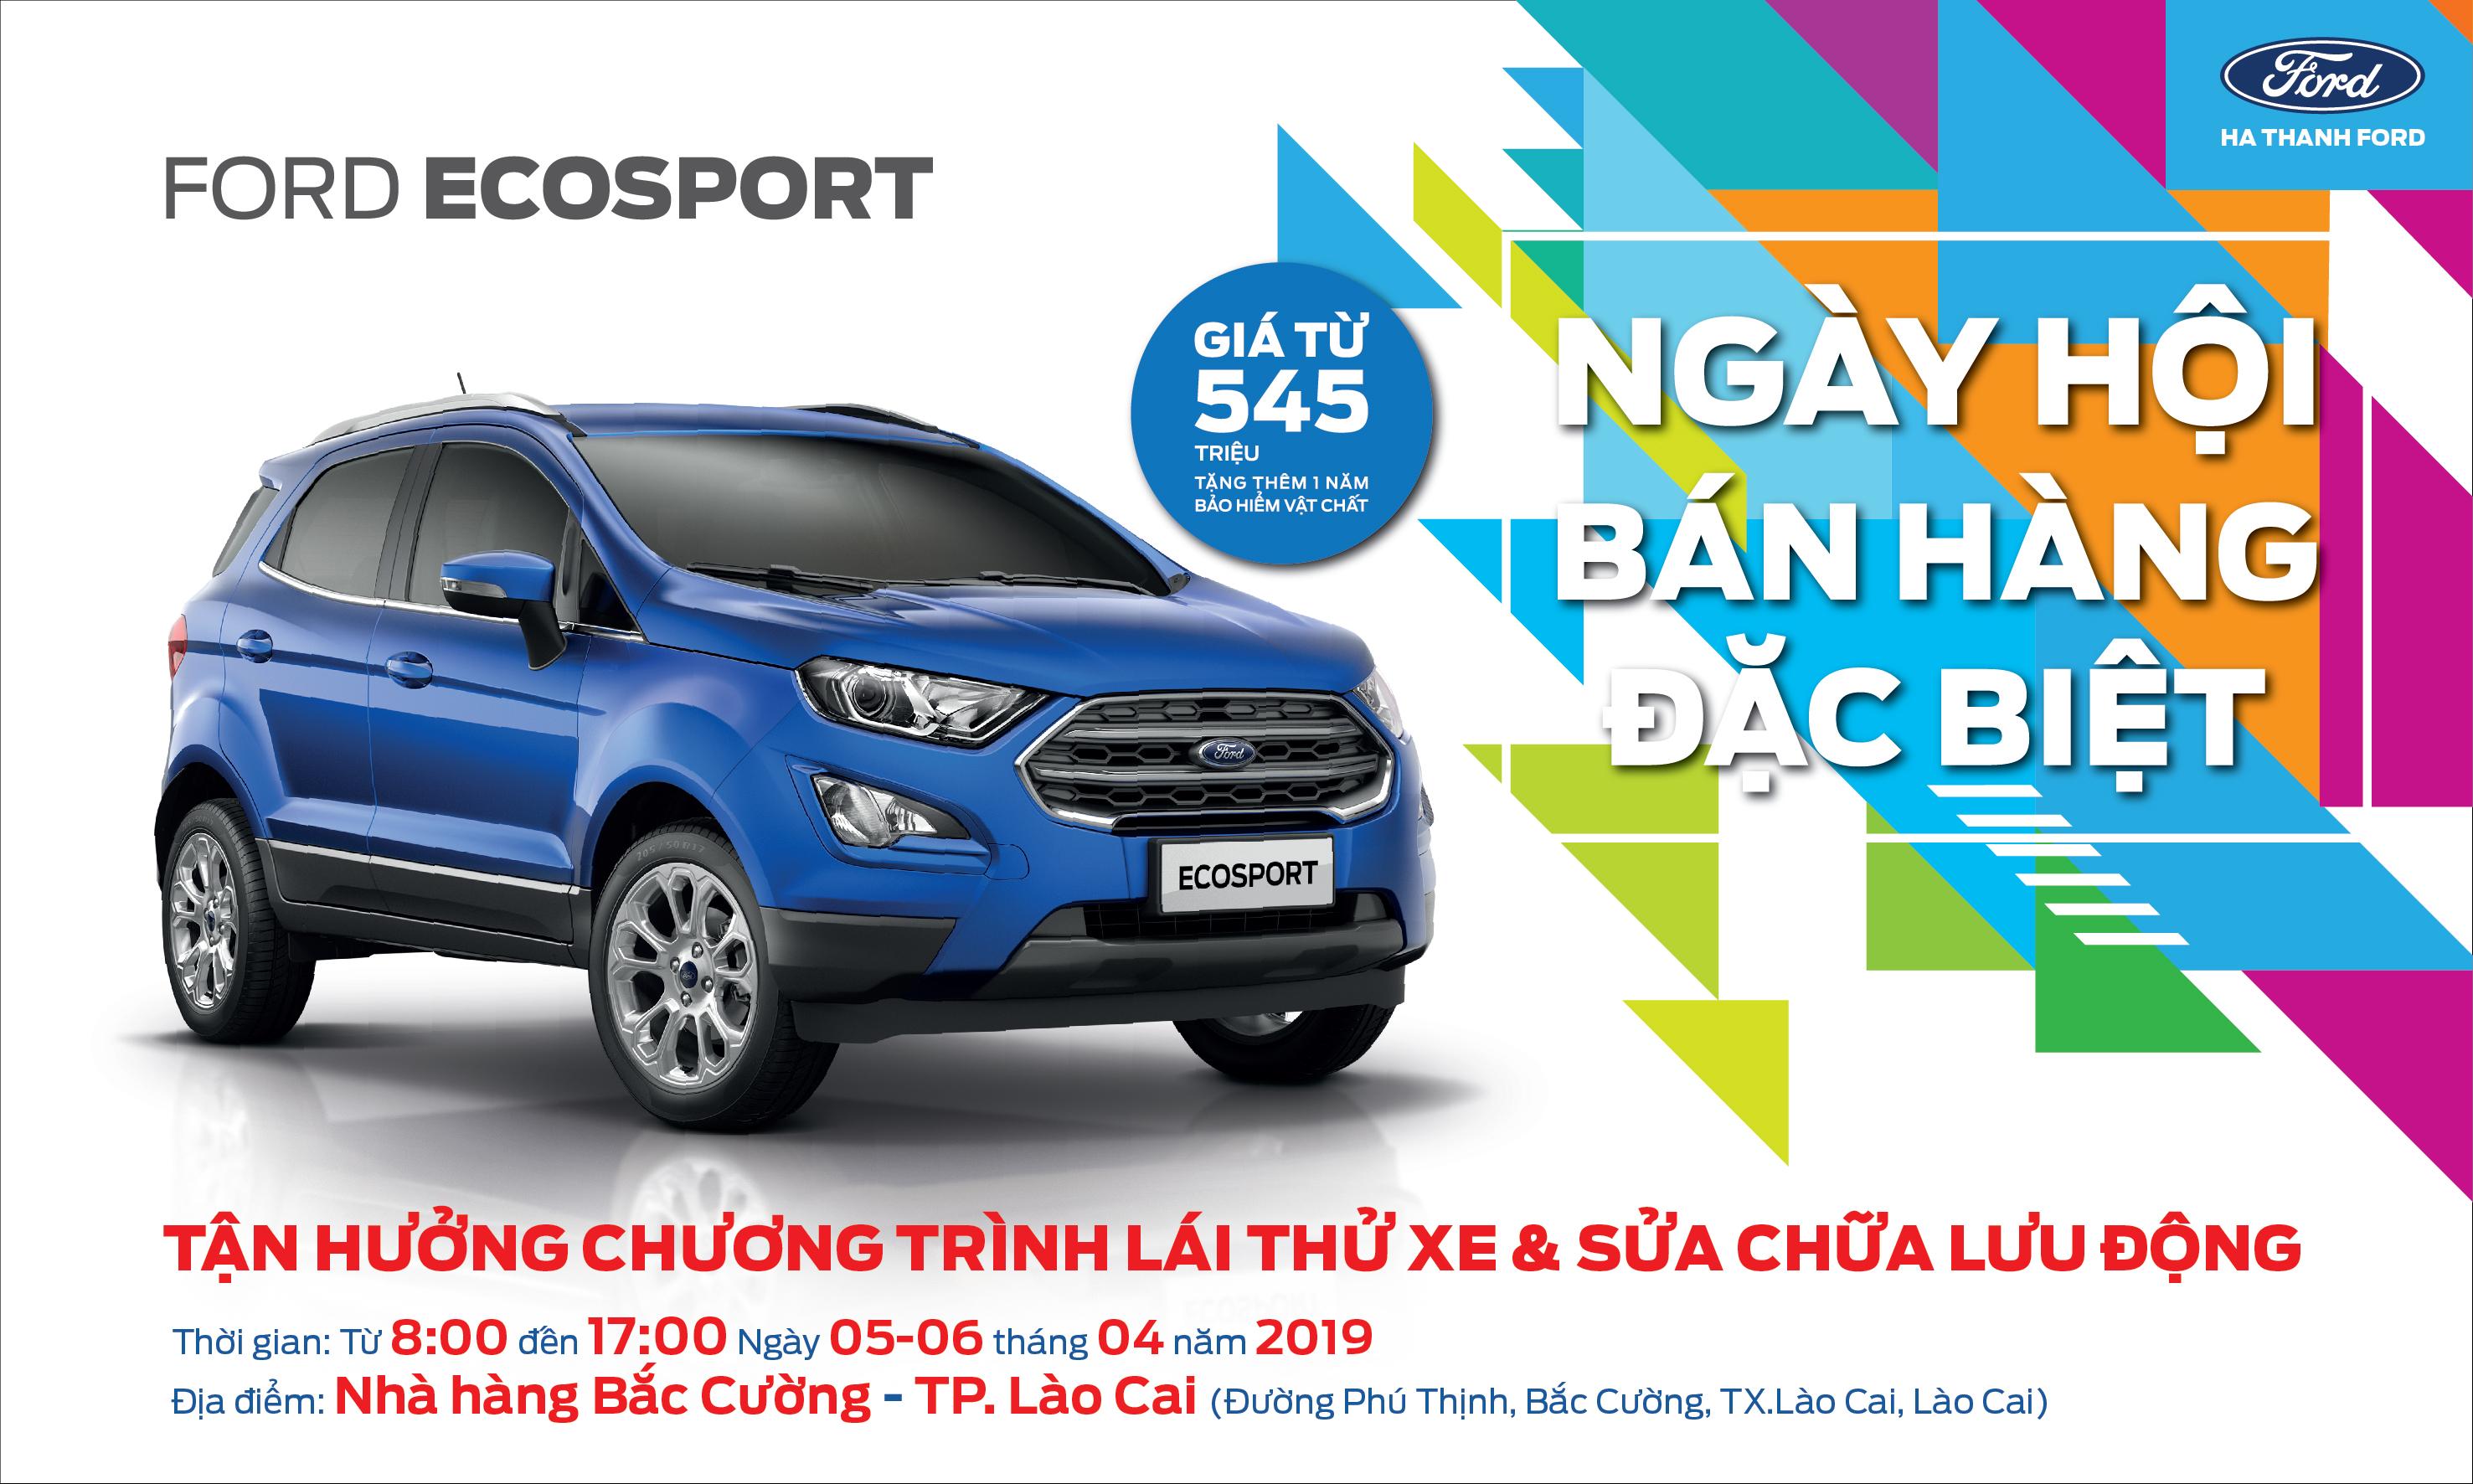 Chương trình lái thử xe và sửa chữa lưu động tại Lào Cai